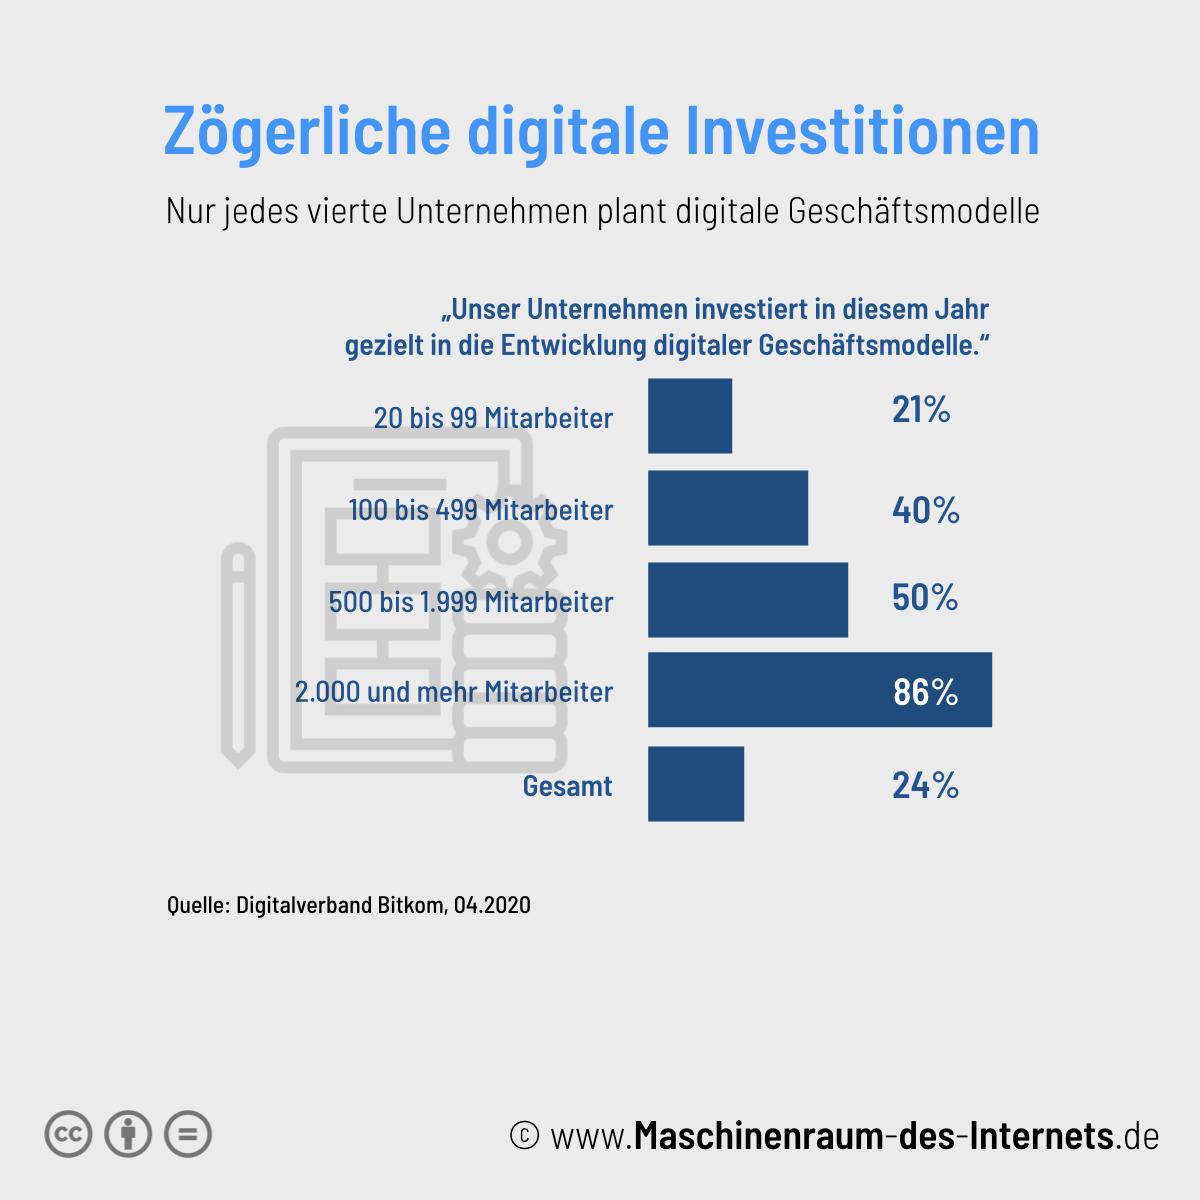 Maschinenraum des Internets ++ geplante Investitionen in digitale Geschäftsmodelle 2020